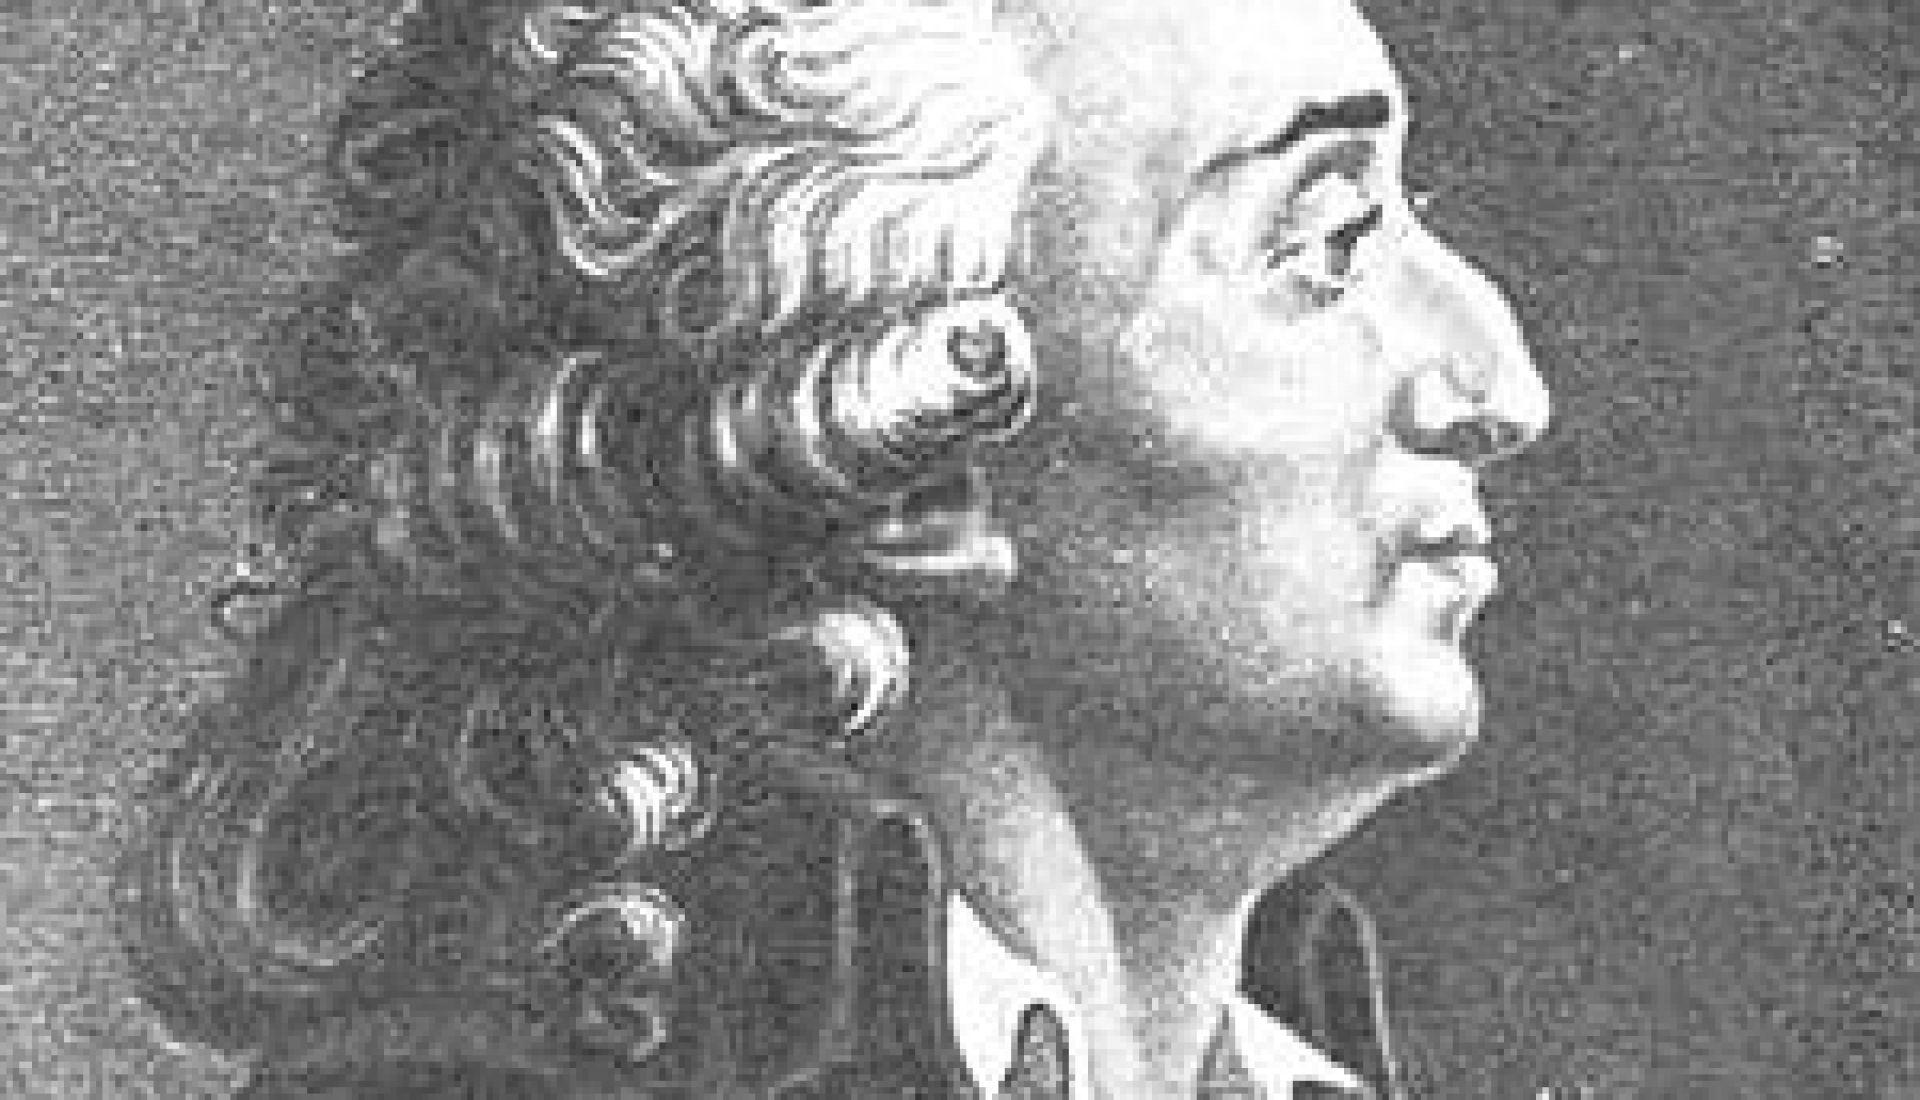 CONDORCET, mathématicien, philosophe des Lumières,